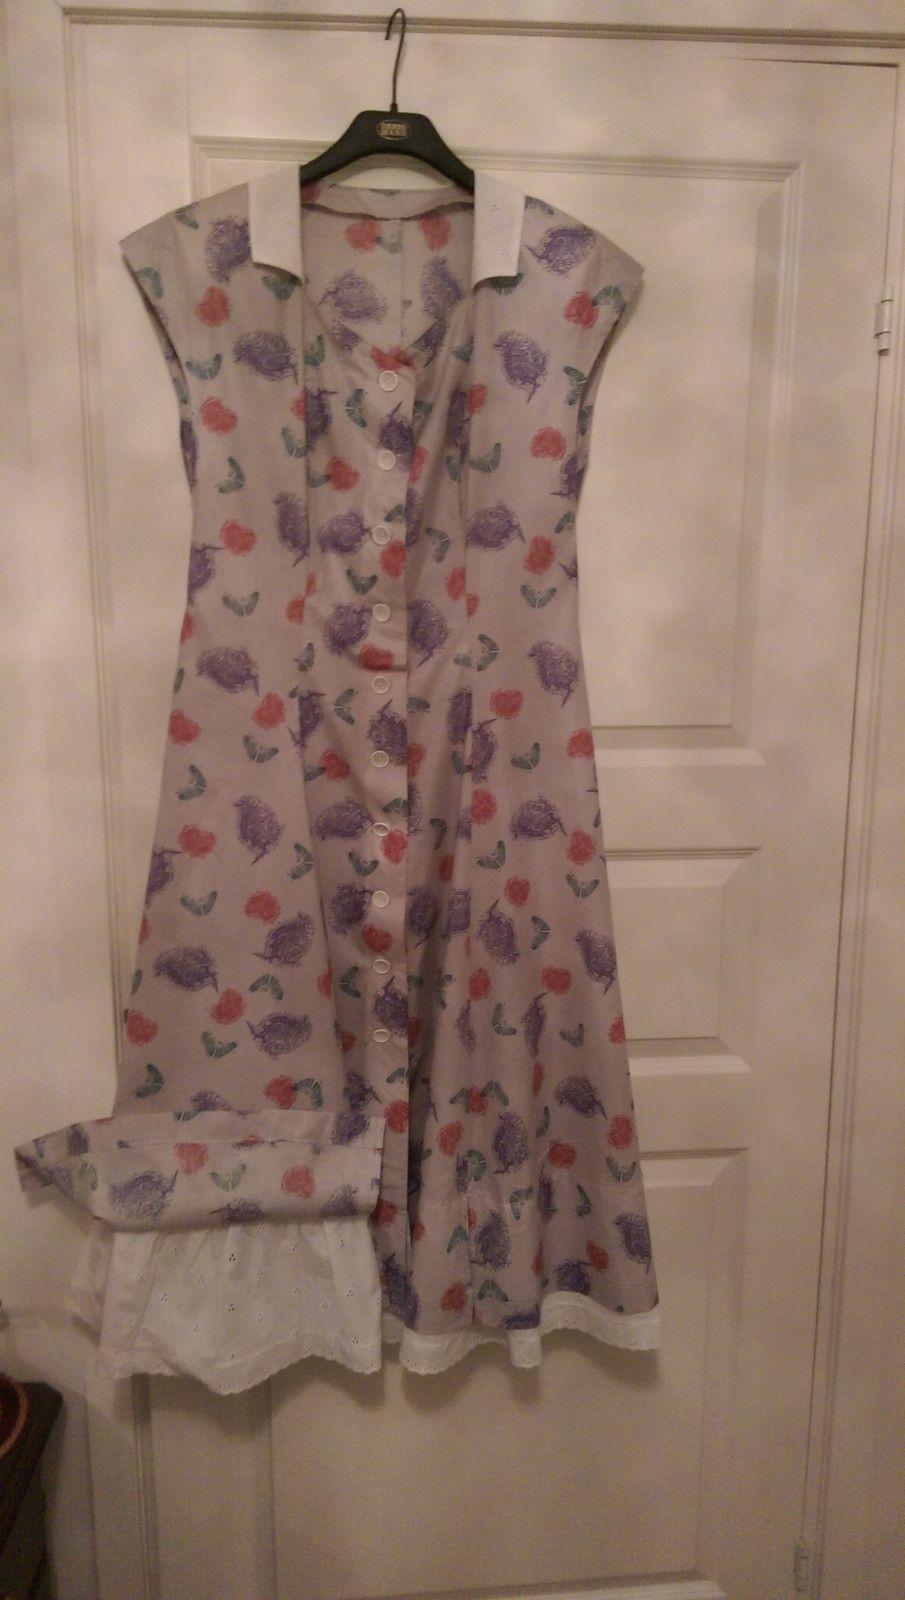 Sommer kjole sydd skreddet selges - Askim  - Sommer kjøle med blonder i 100% bomull - Askim